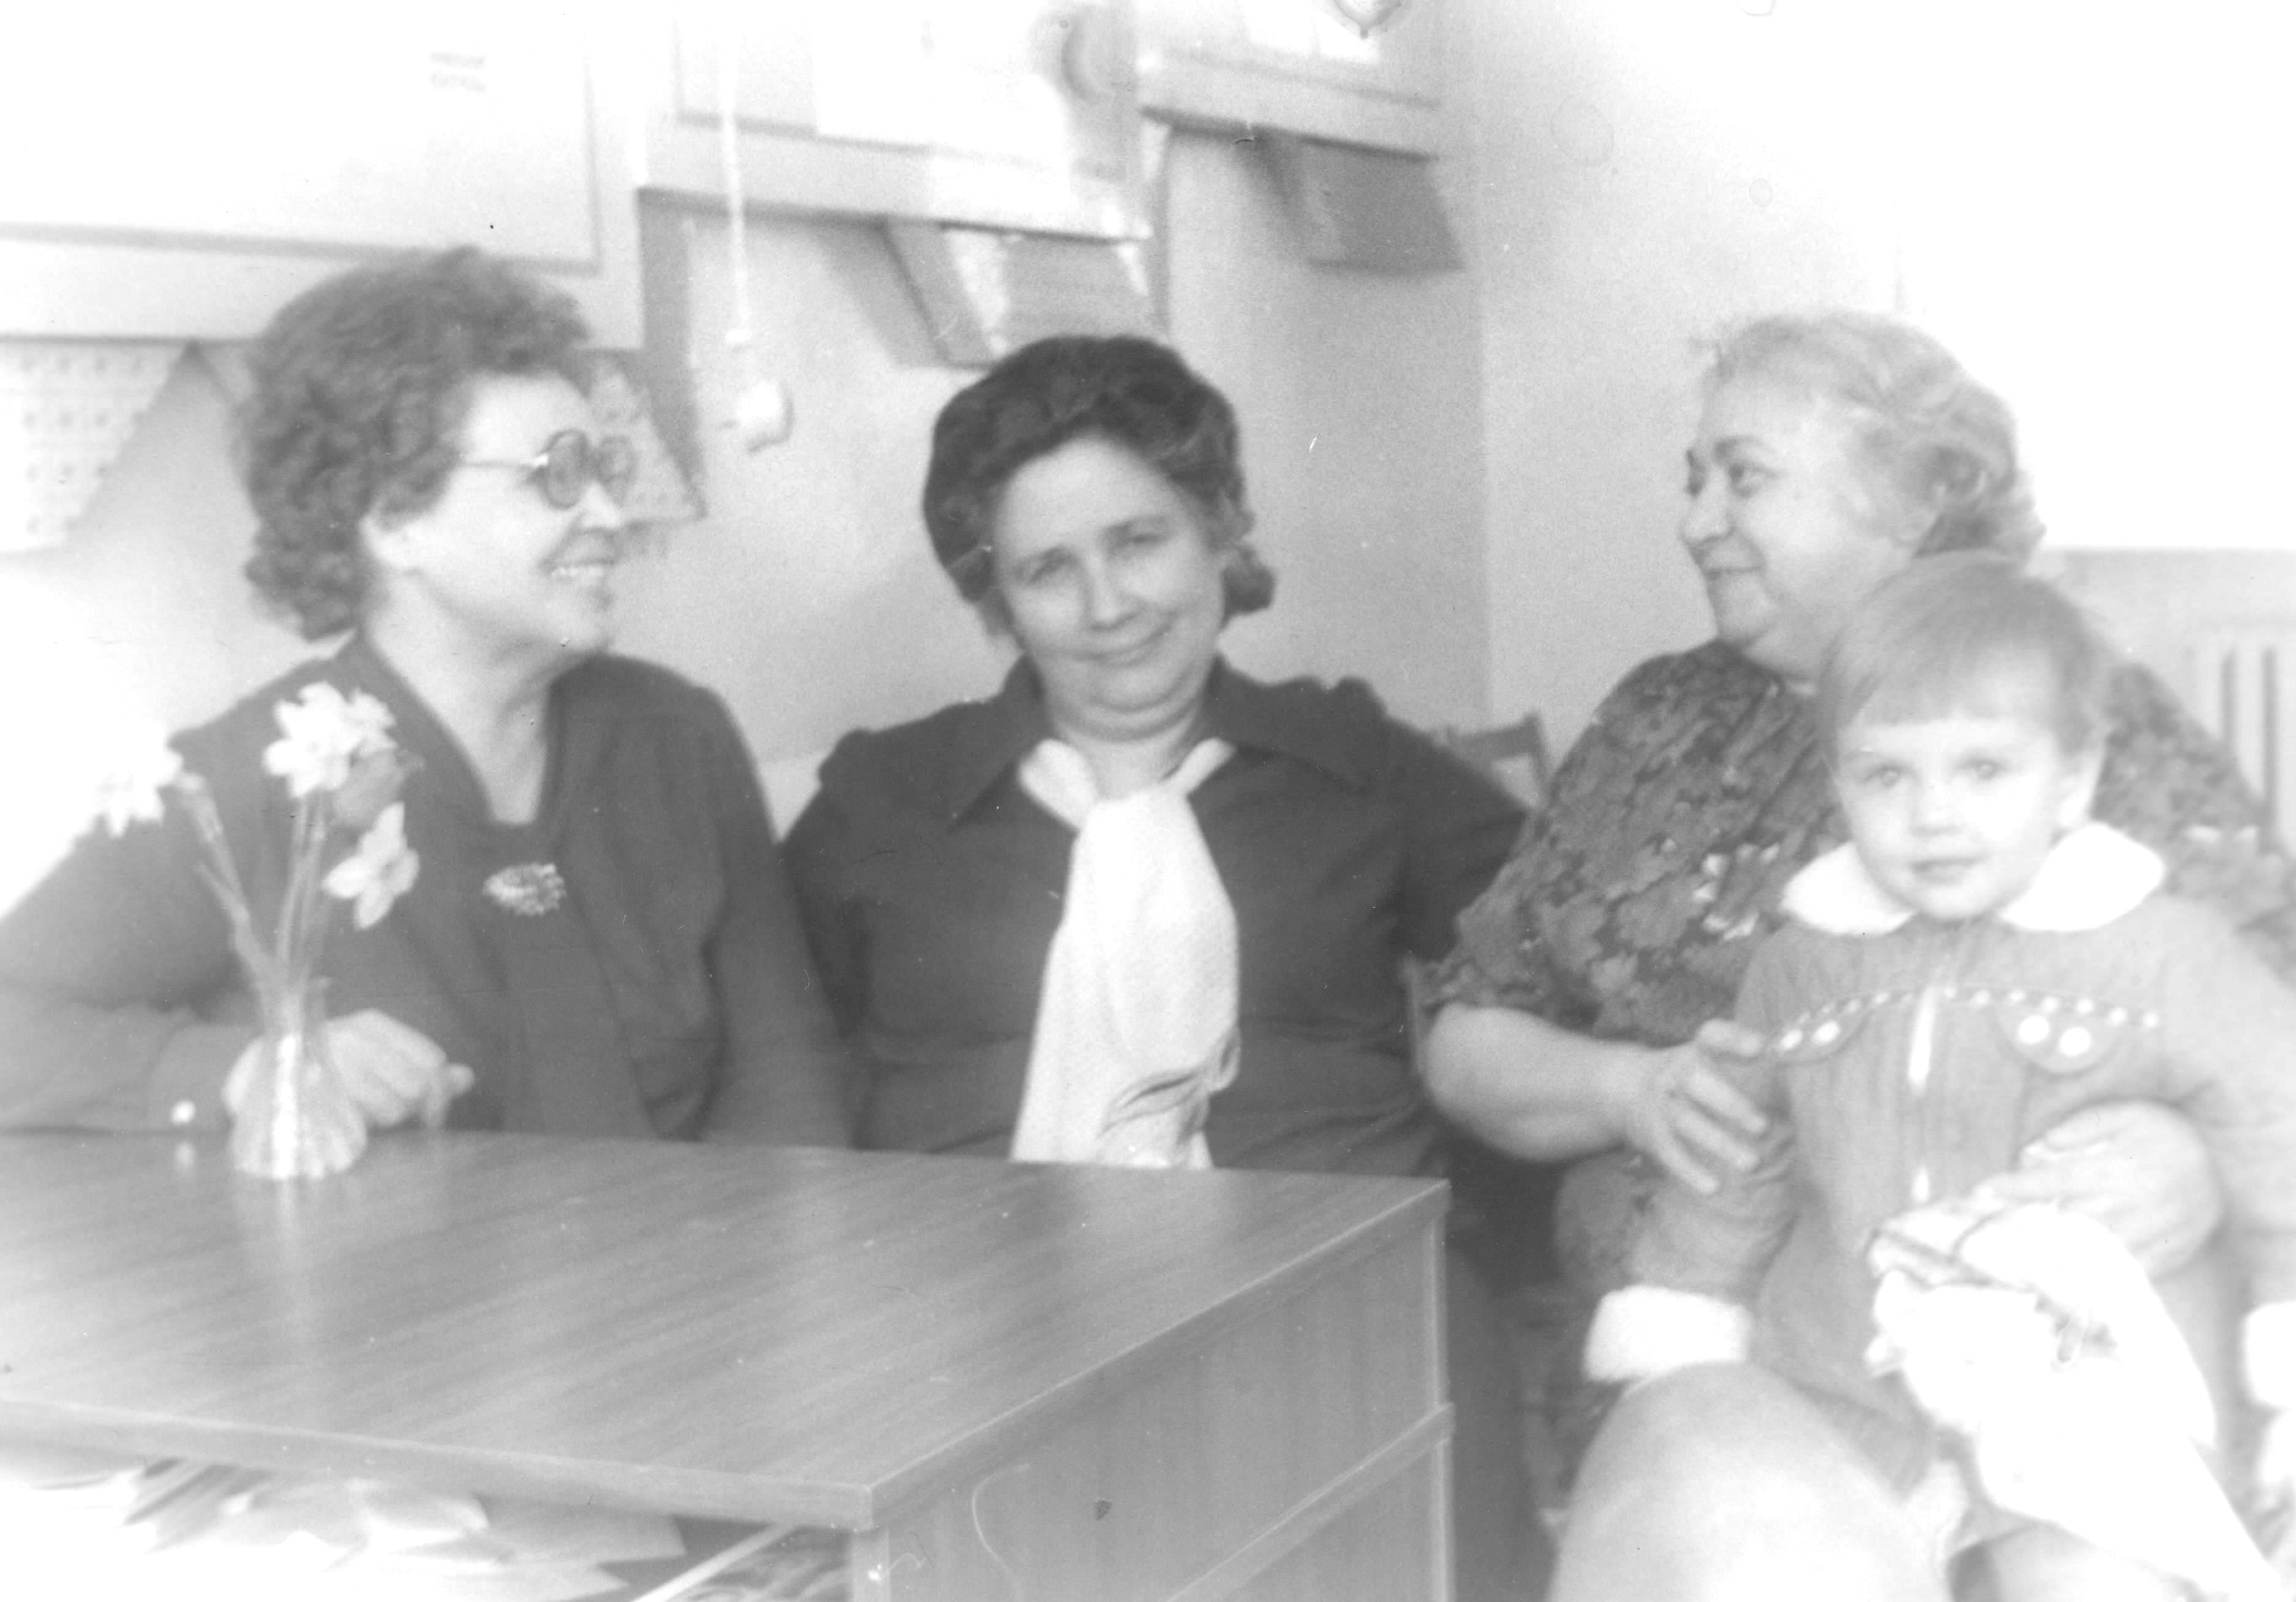 В.И.Стрельникова, Г.Е.Зайцева, Ю.И.Гуляева март 1987 года